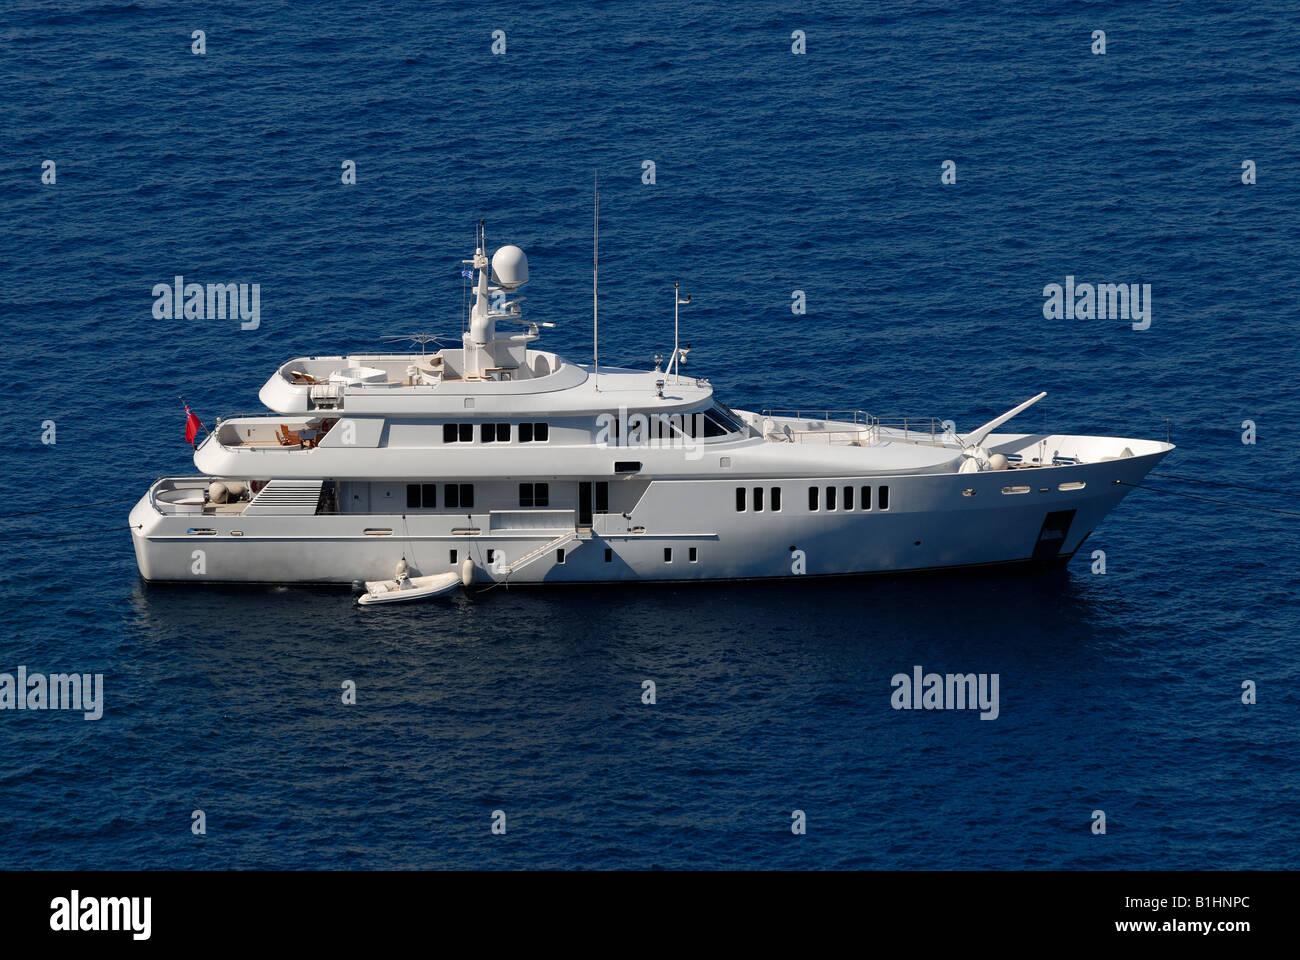 Luxury yacht in harbor of Santorini, Greece - Stock Image